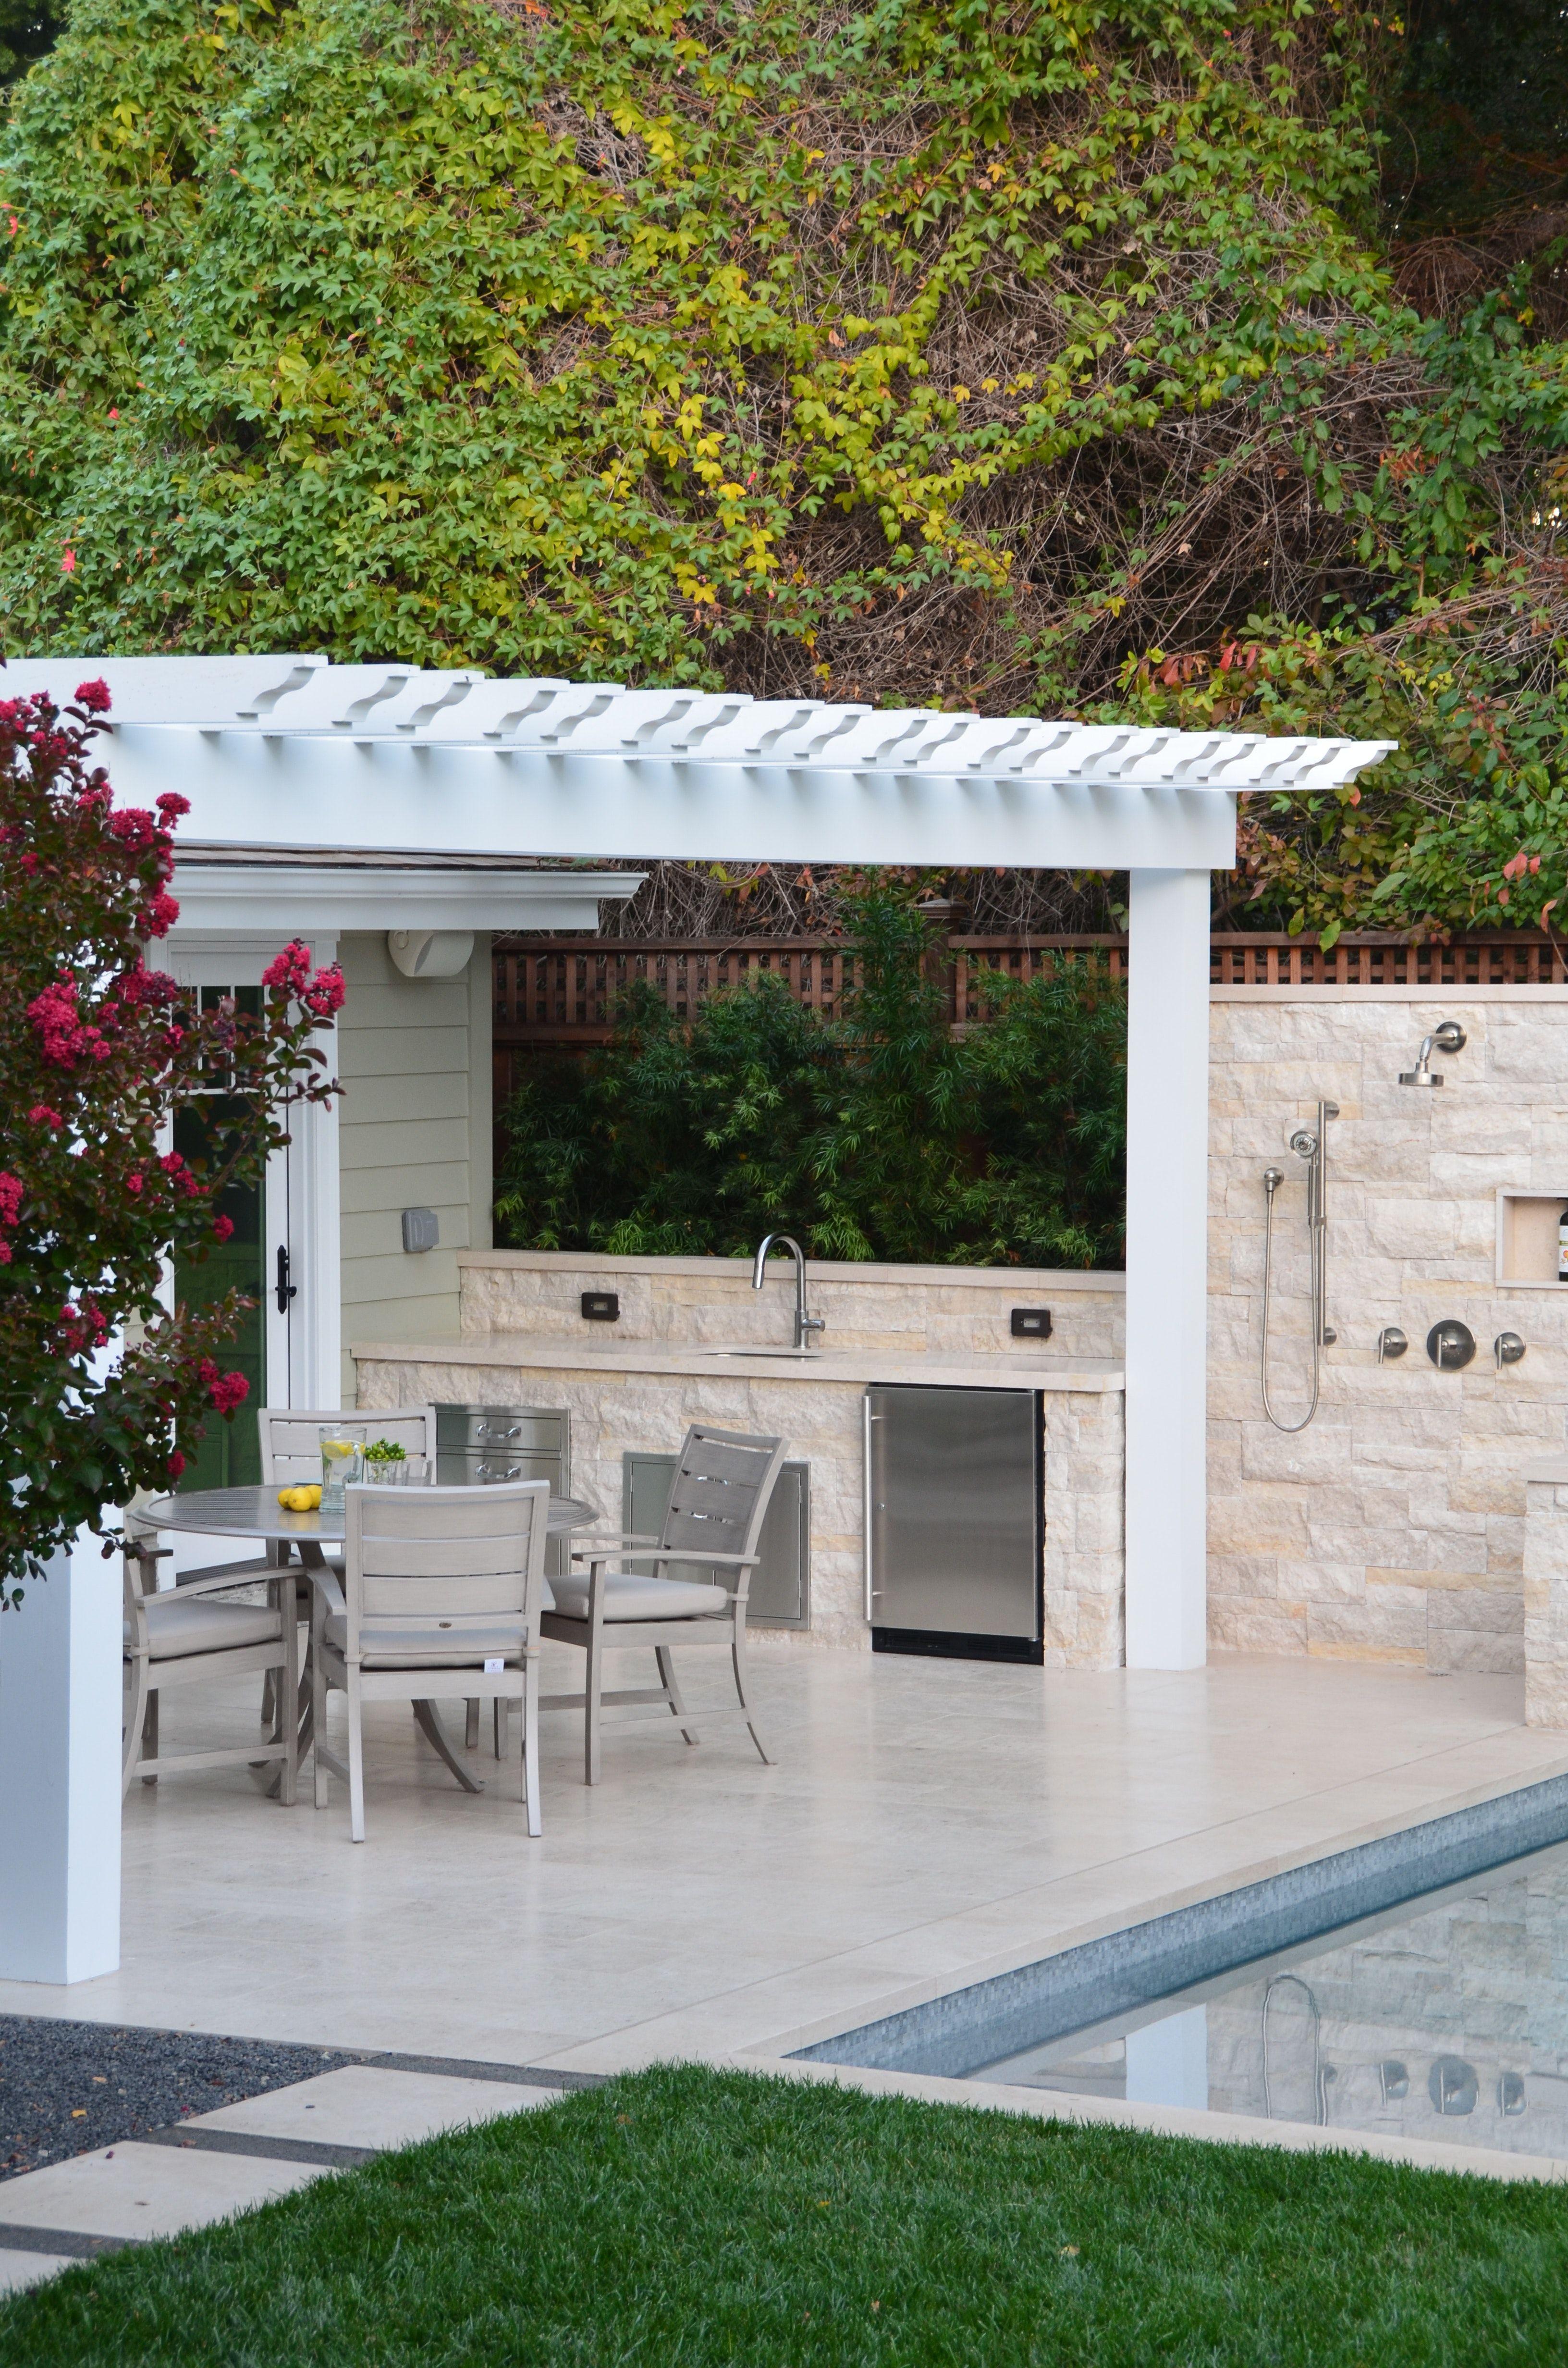 Vi piacerebbe avere una cucina del genere in giardino? Outdoor Kitchen Cucine Da Esterno Cucina Da Esterno Patio Cucina Esterna